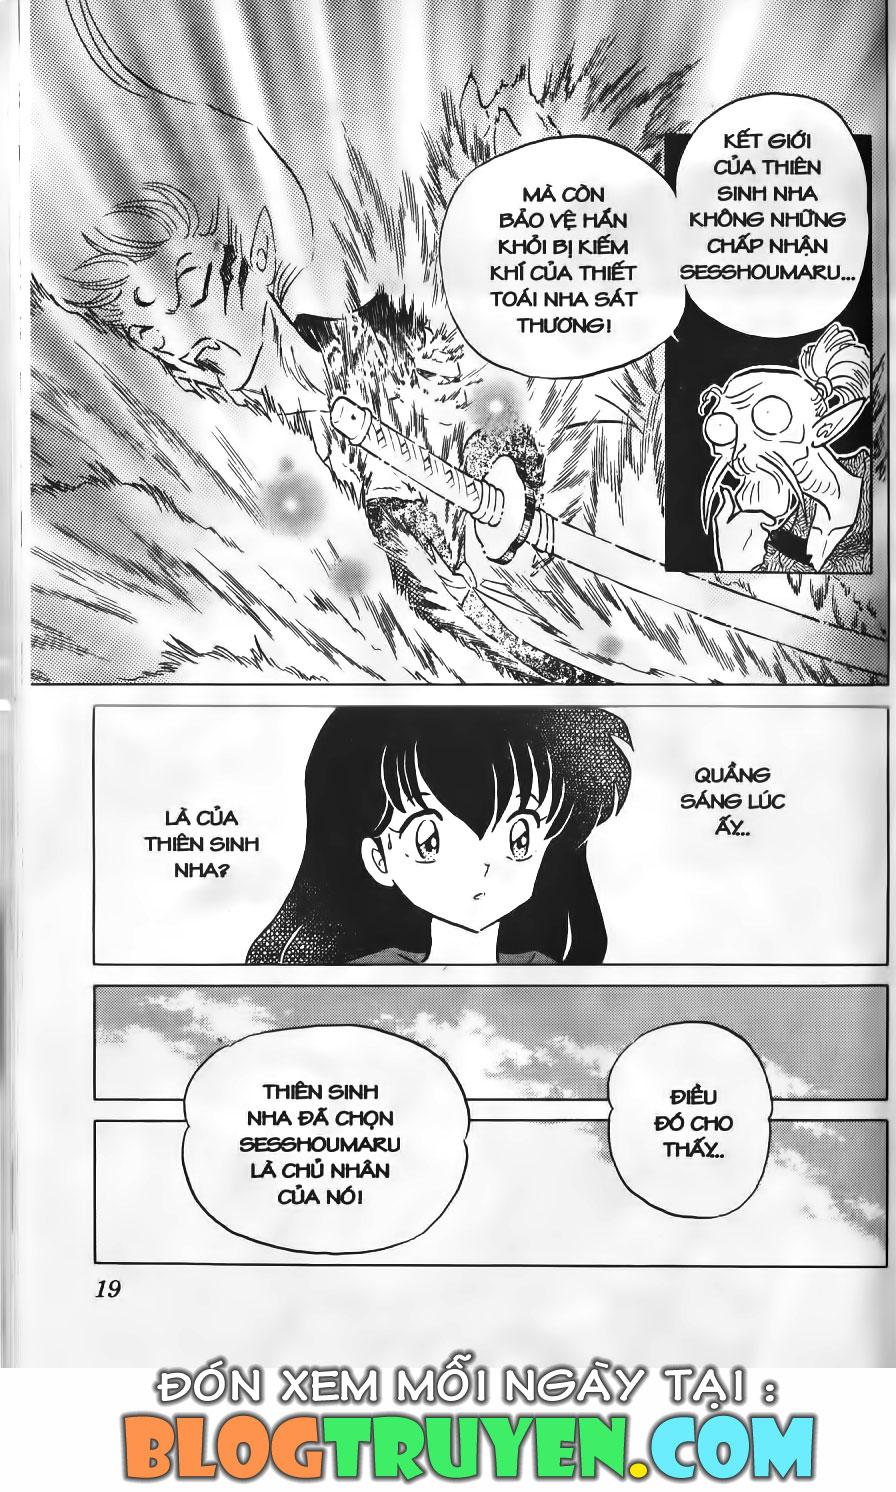 Inuyasha vol 14.1 trang 18